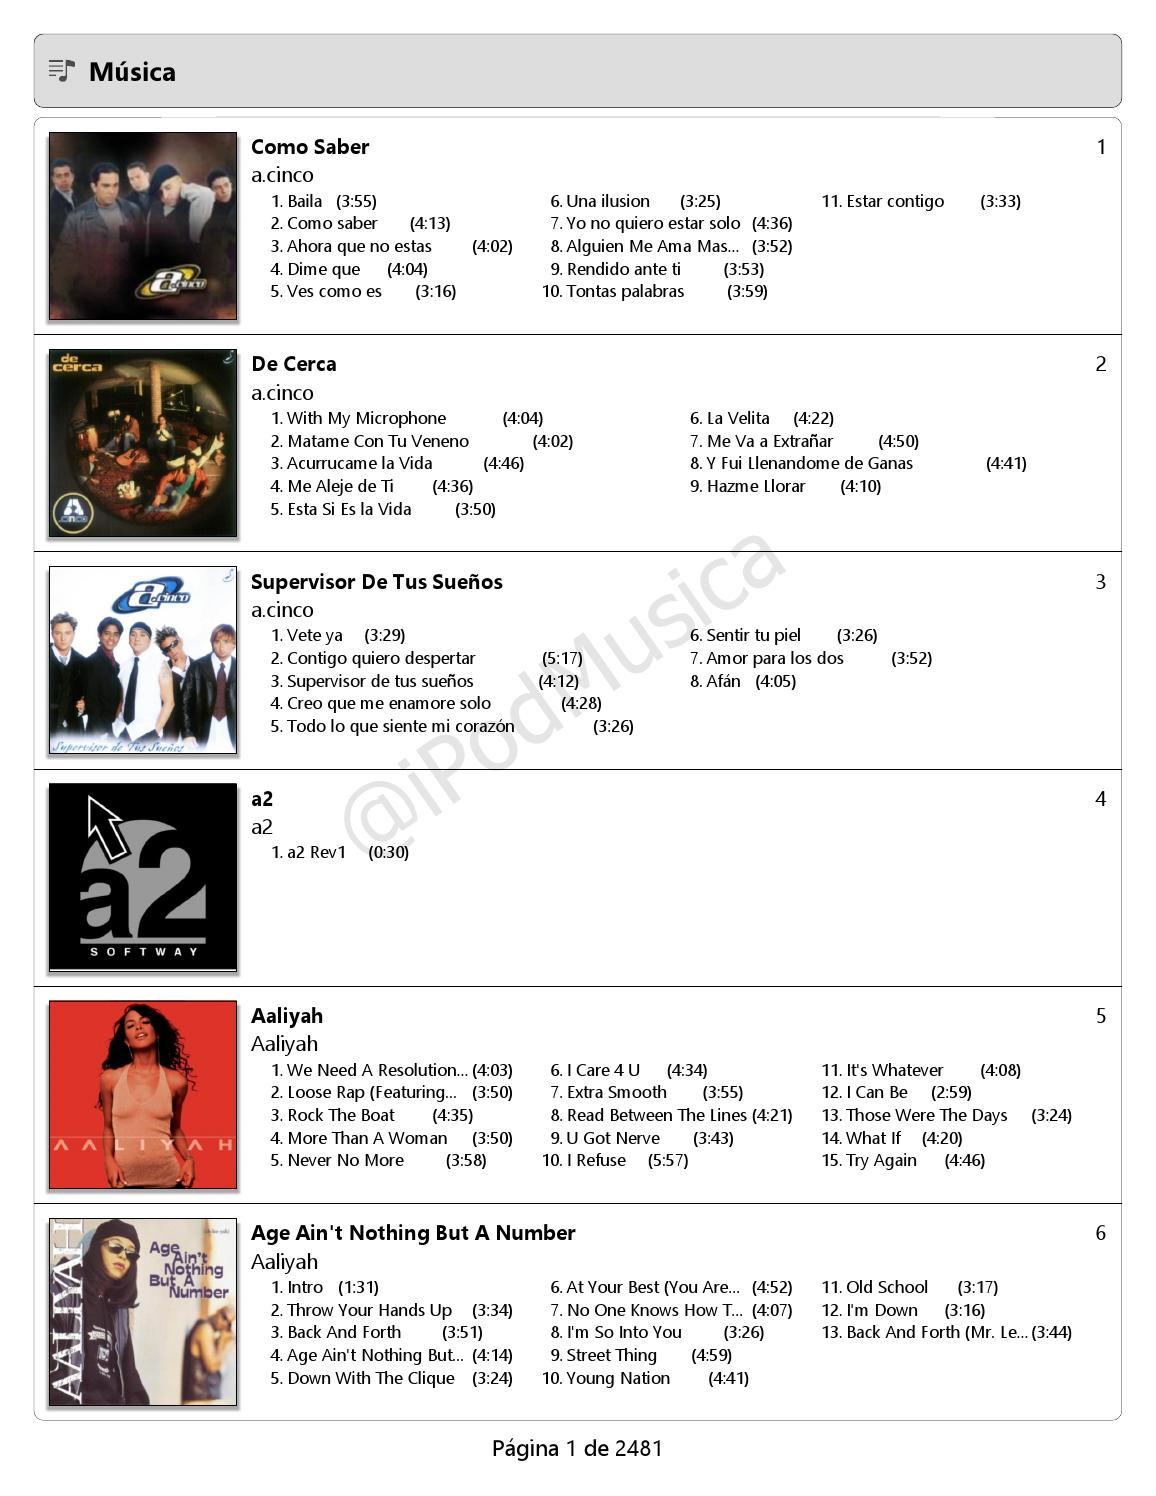 Catálogo Musical 12 2014 1 5 Ordenado Por Artista De La A A Cinco A La Ch Cholos Del Rimac By Ipod Música Issuu